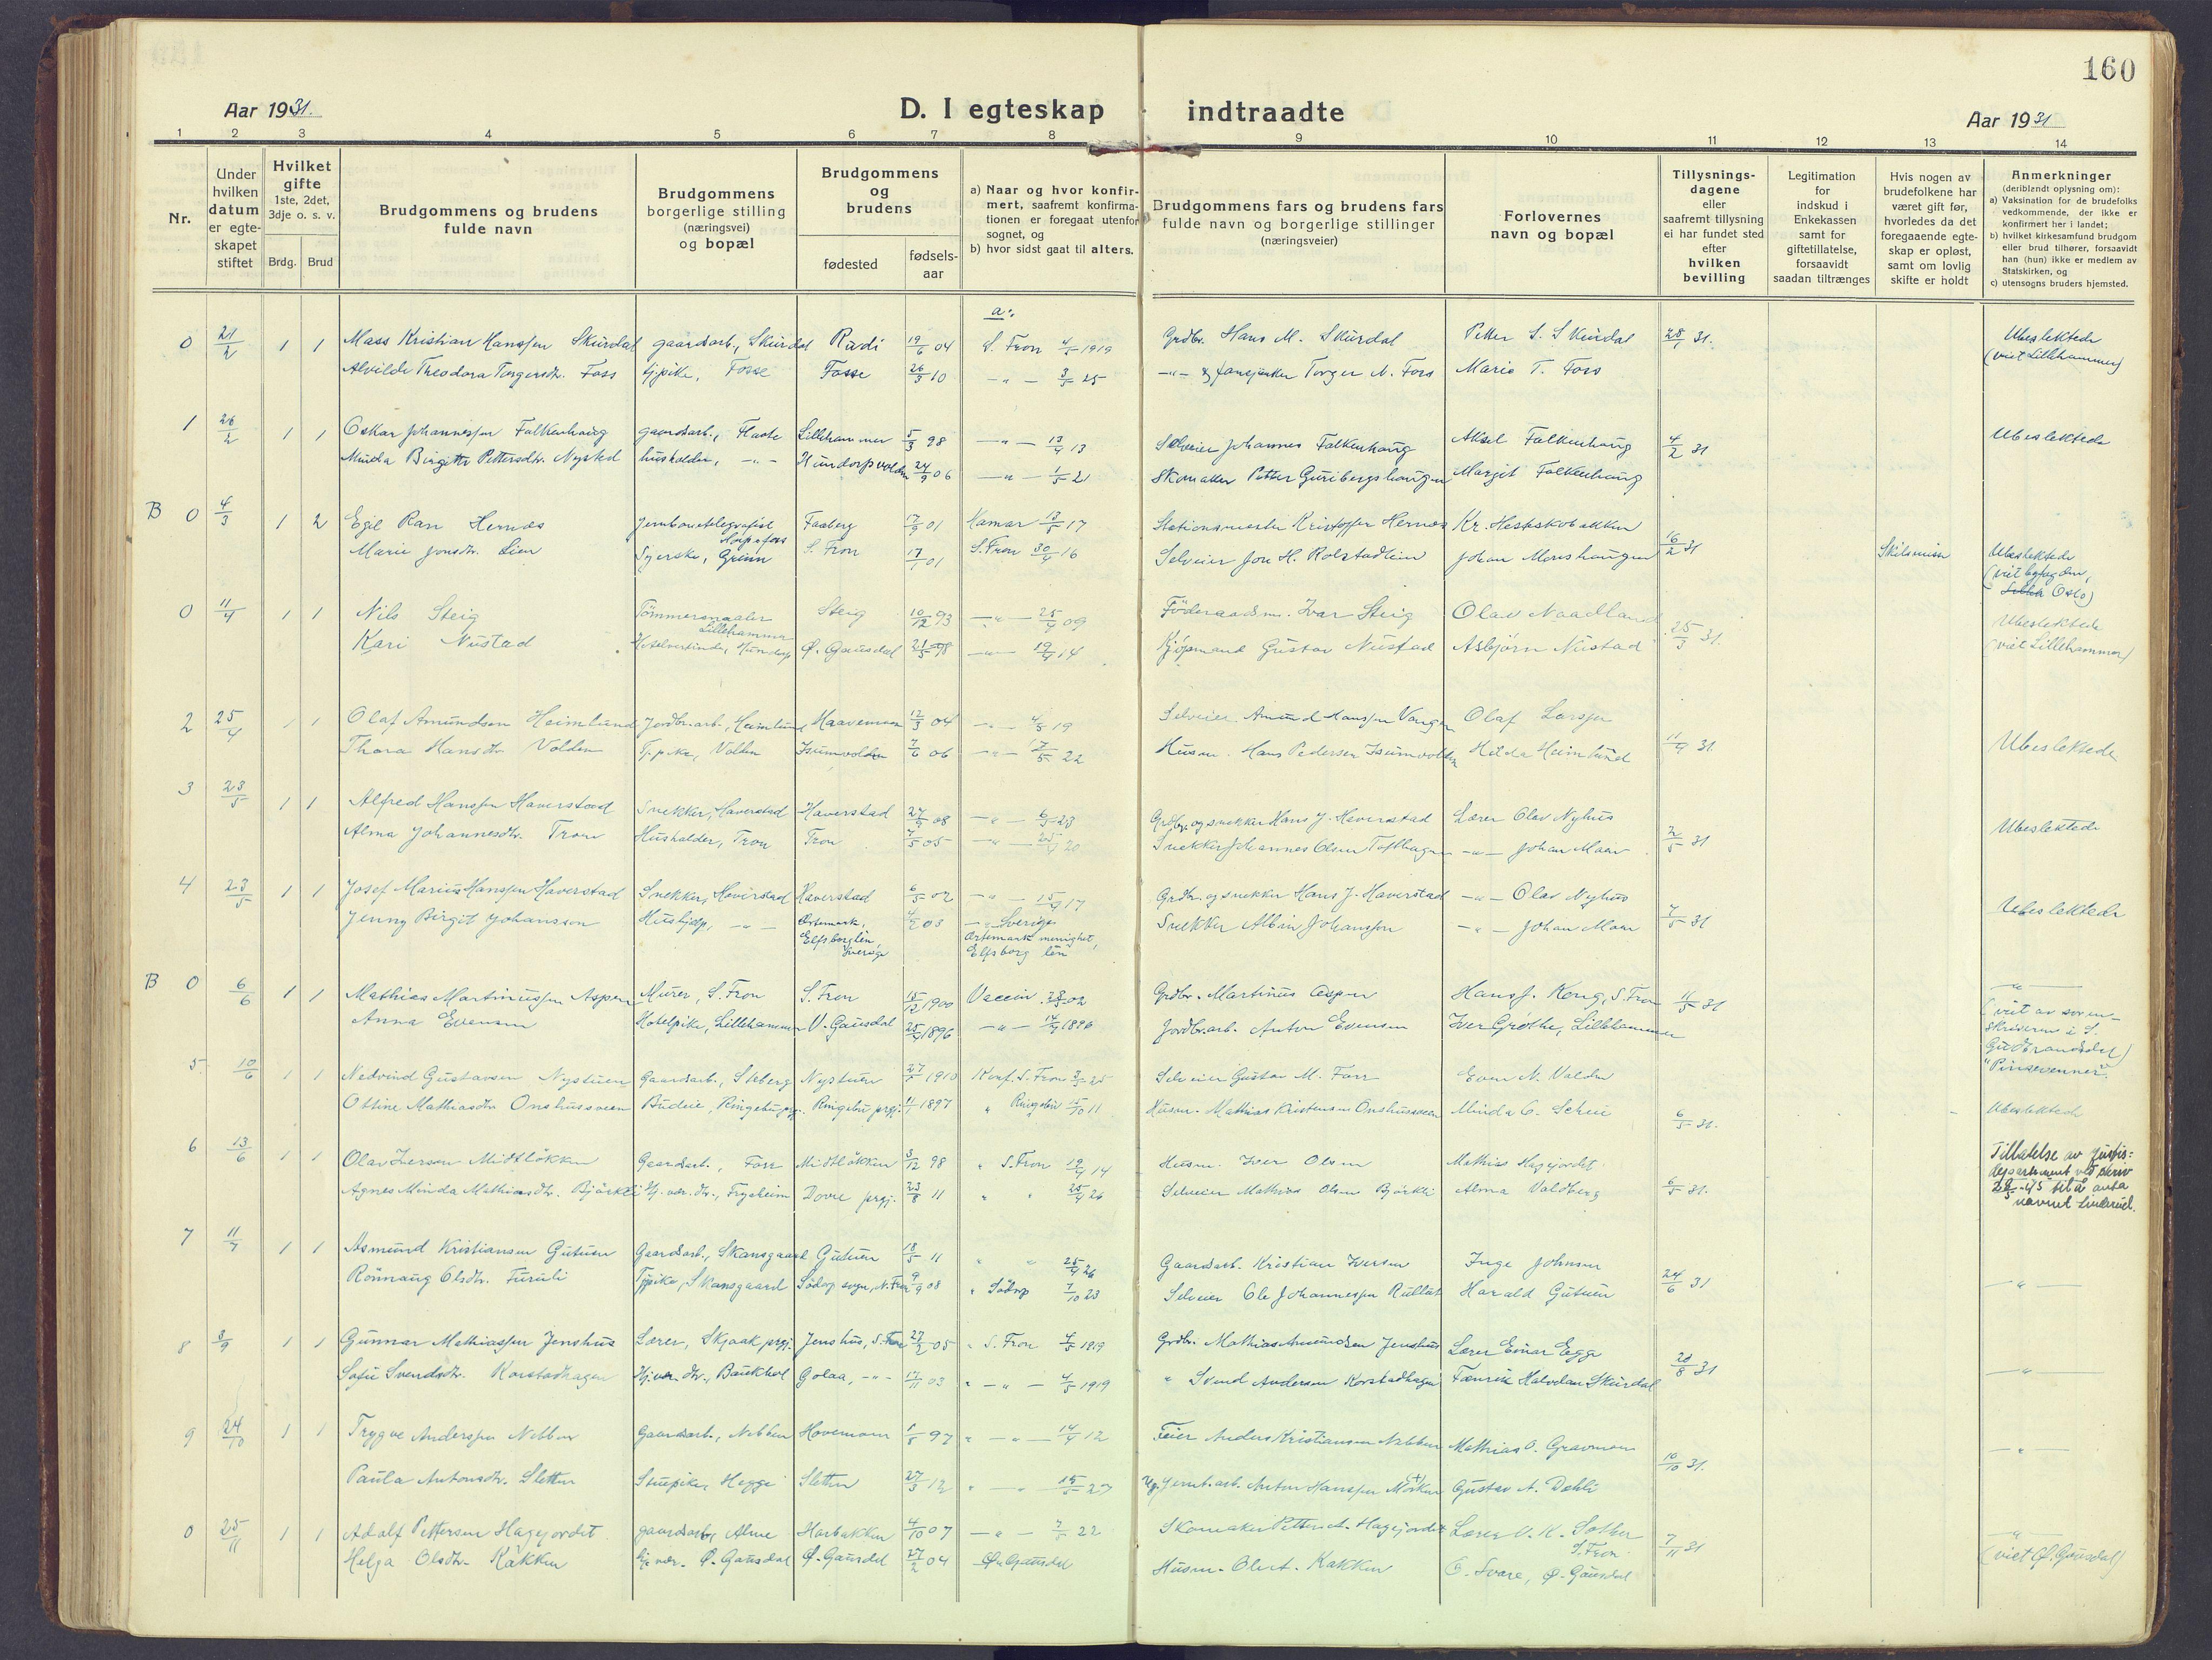 SAH, Sør-Fron prestekontor, H/Ha/Haa/L0005: Ministerialbok nr. 5, 1920-1933, s. 160